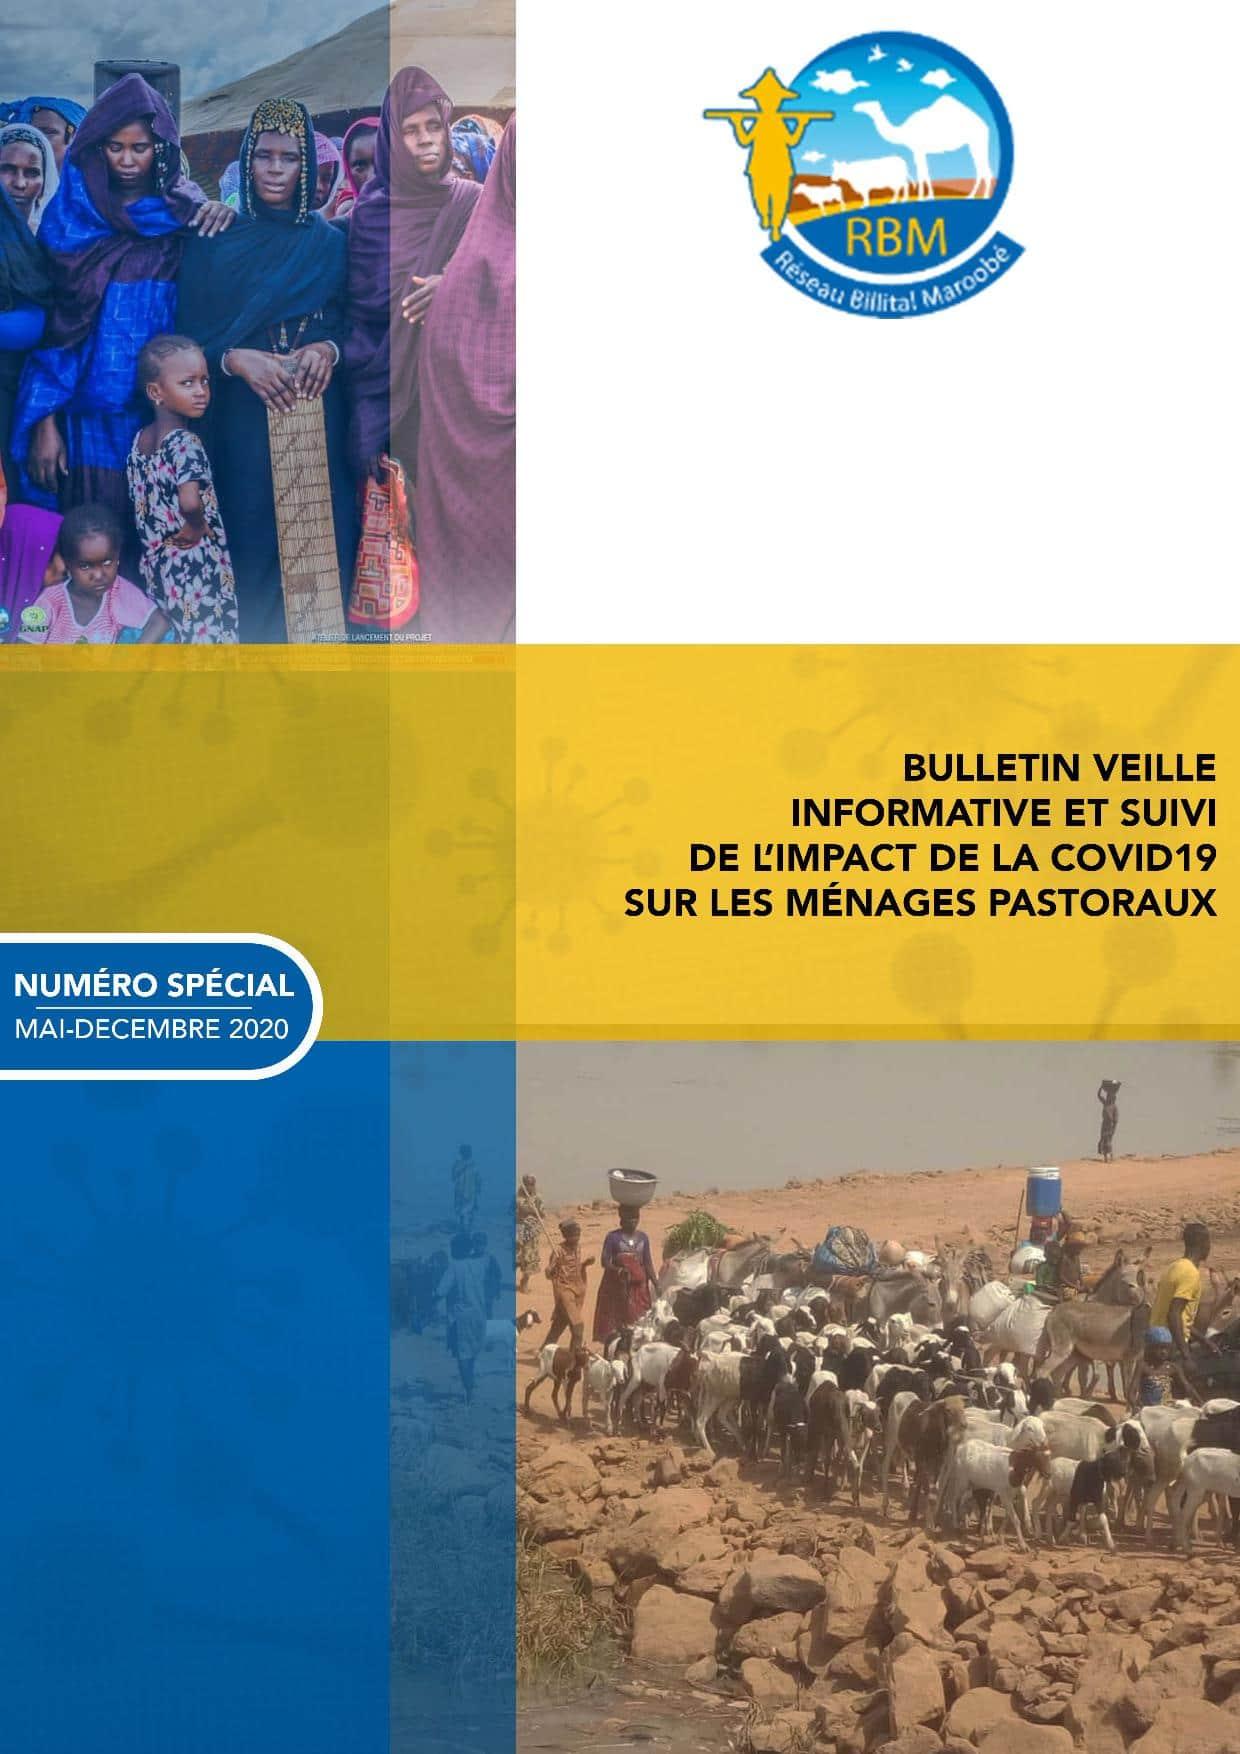 Bulletin de veille informative et suivi de l'impact de la Covid-19 sur les ménages pastoraux